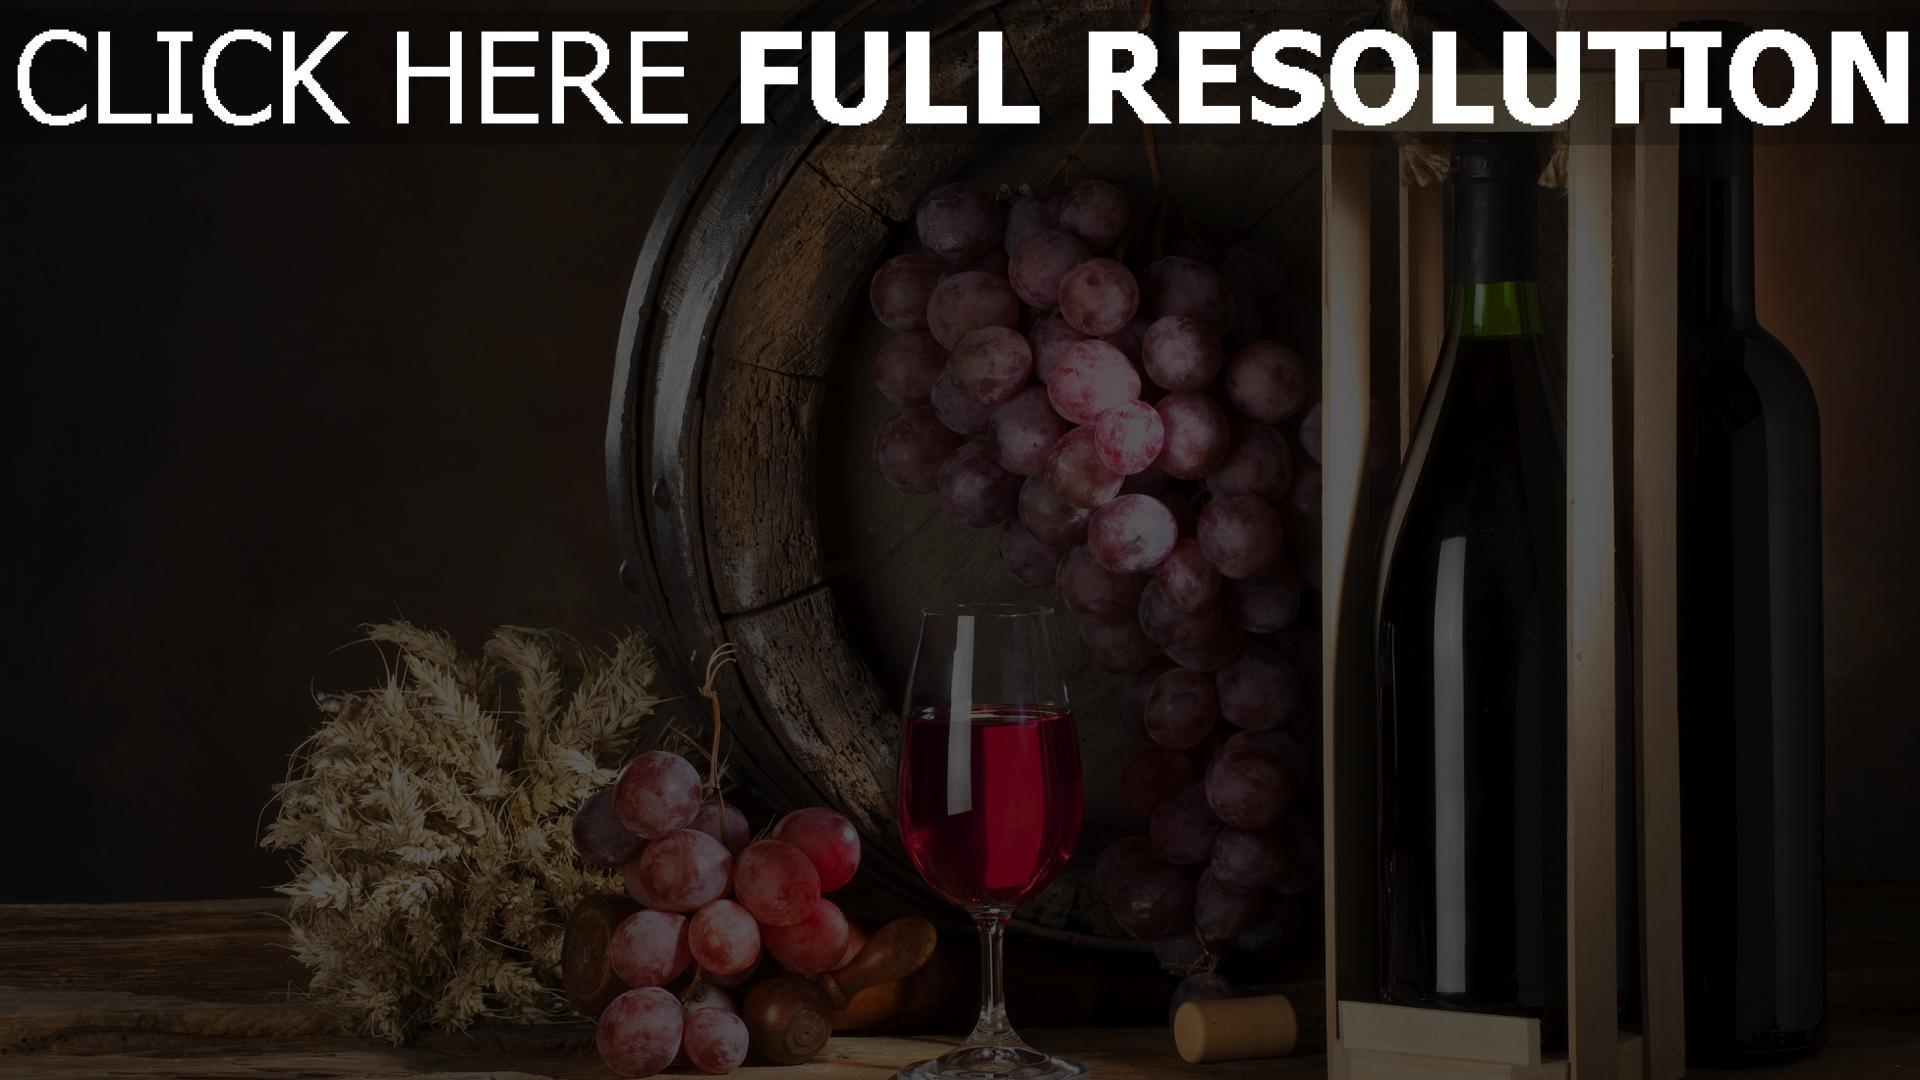 fond d'écran 1920x1080 vin raisins bouteille nature morte